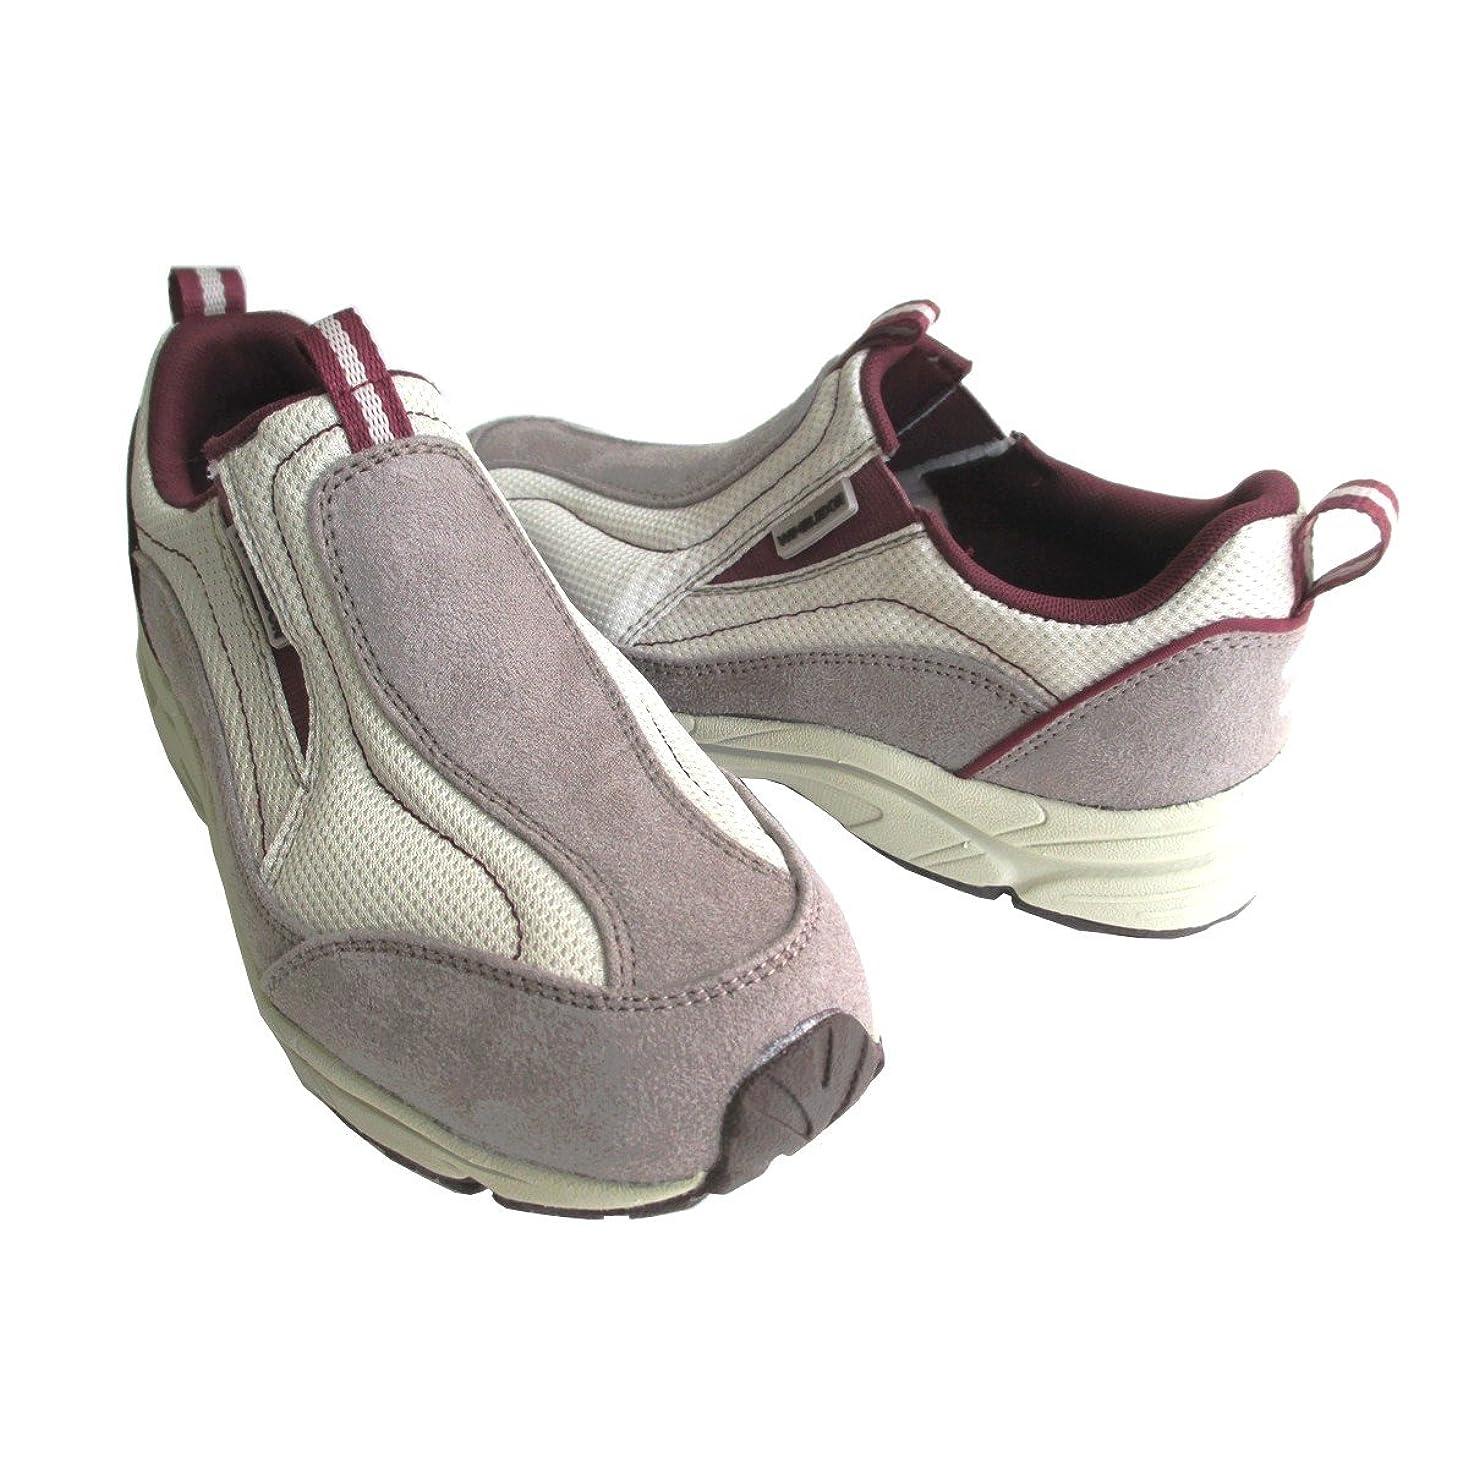 魚堂々たるフロント[アサヒ ウインブルドン] asahi WIMBLEDON L-031 レディース スニーカー スリッポン 軽量 ウォーキング 仕事靴